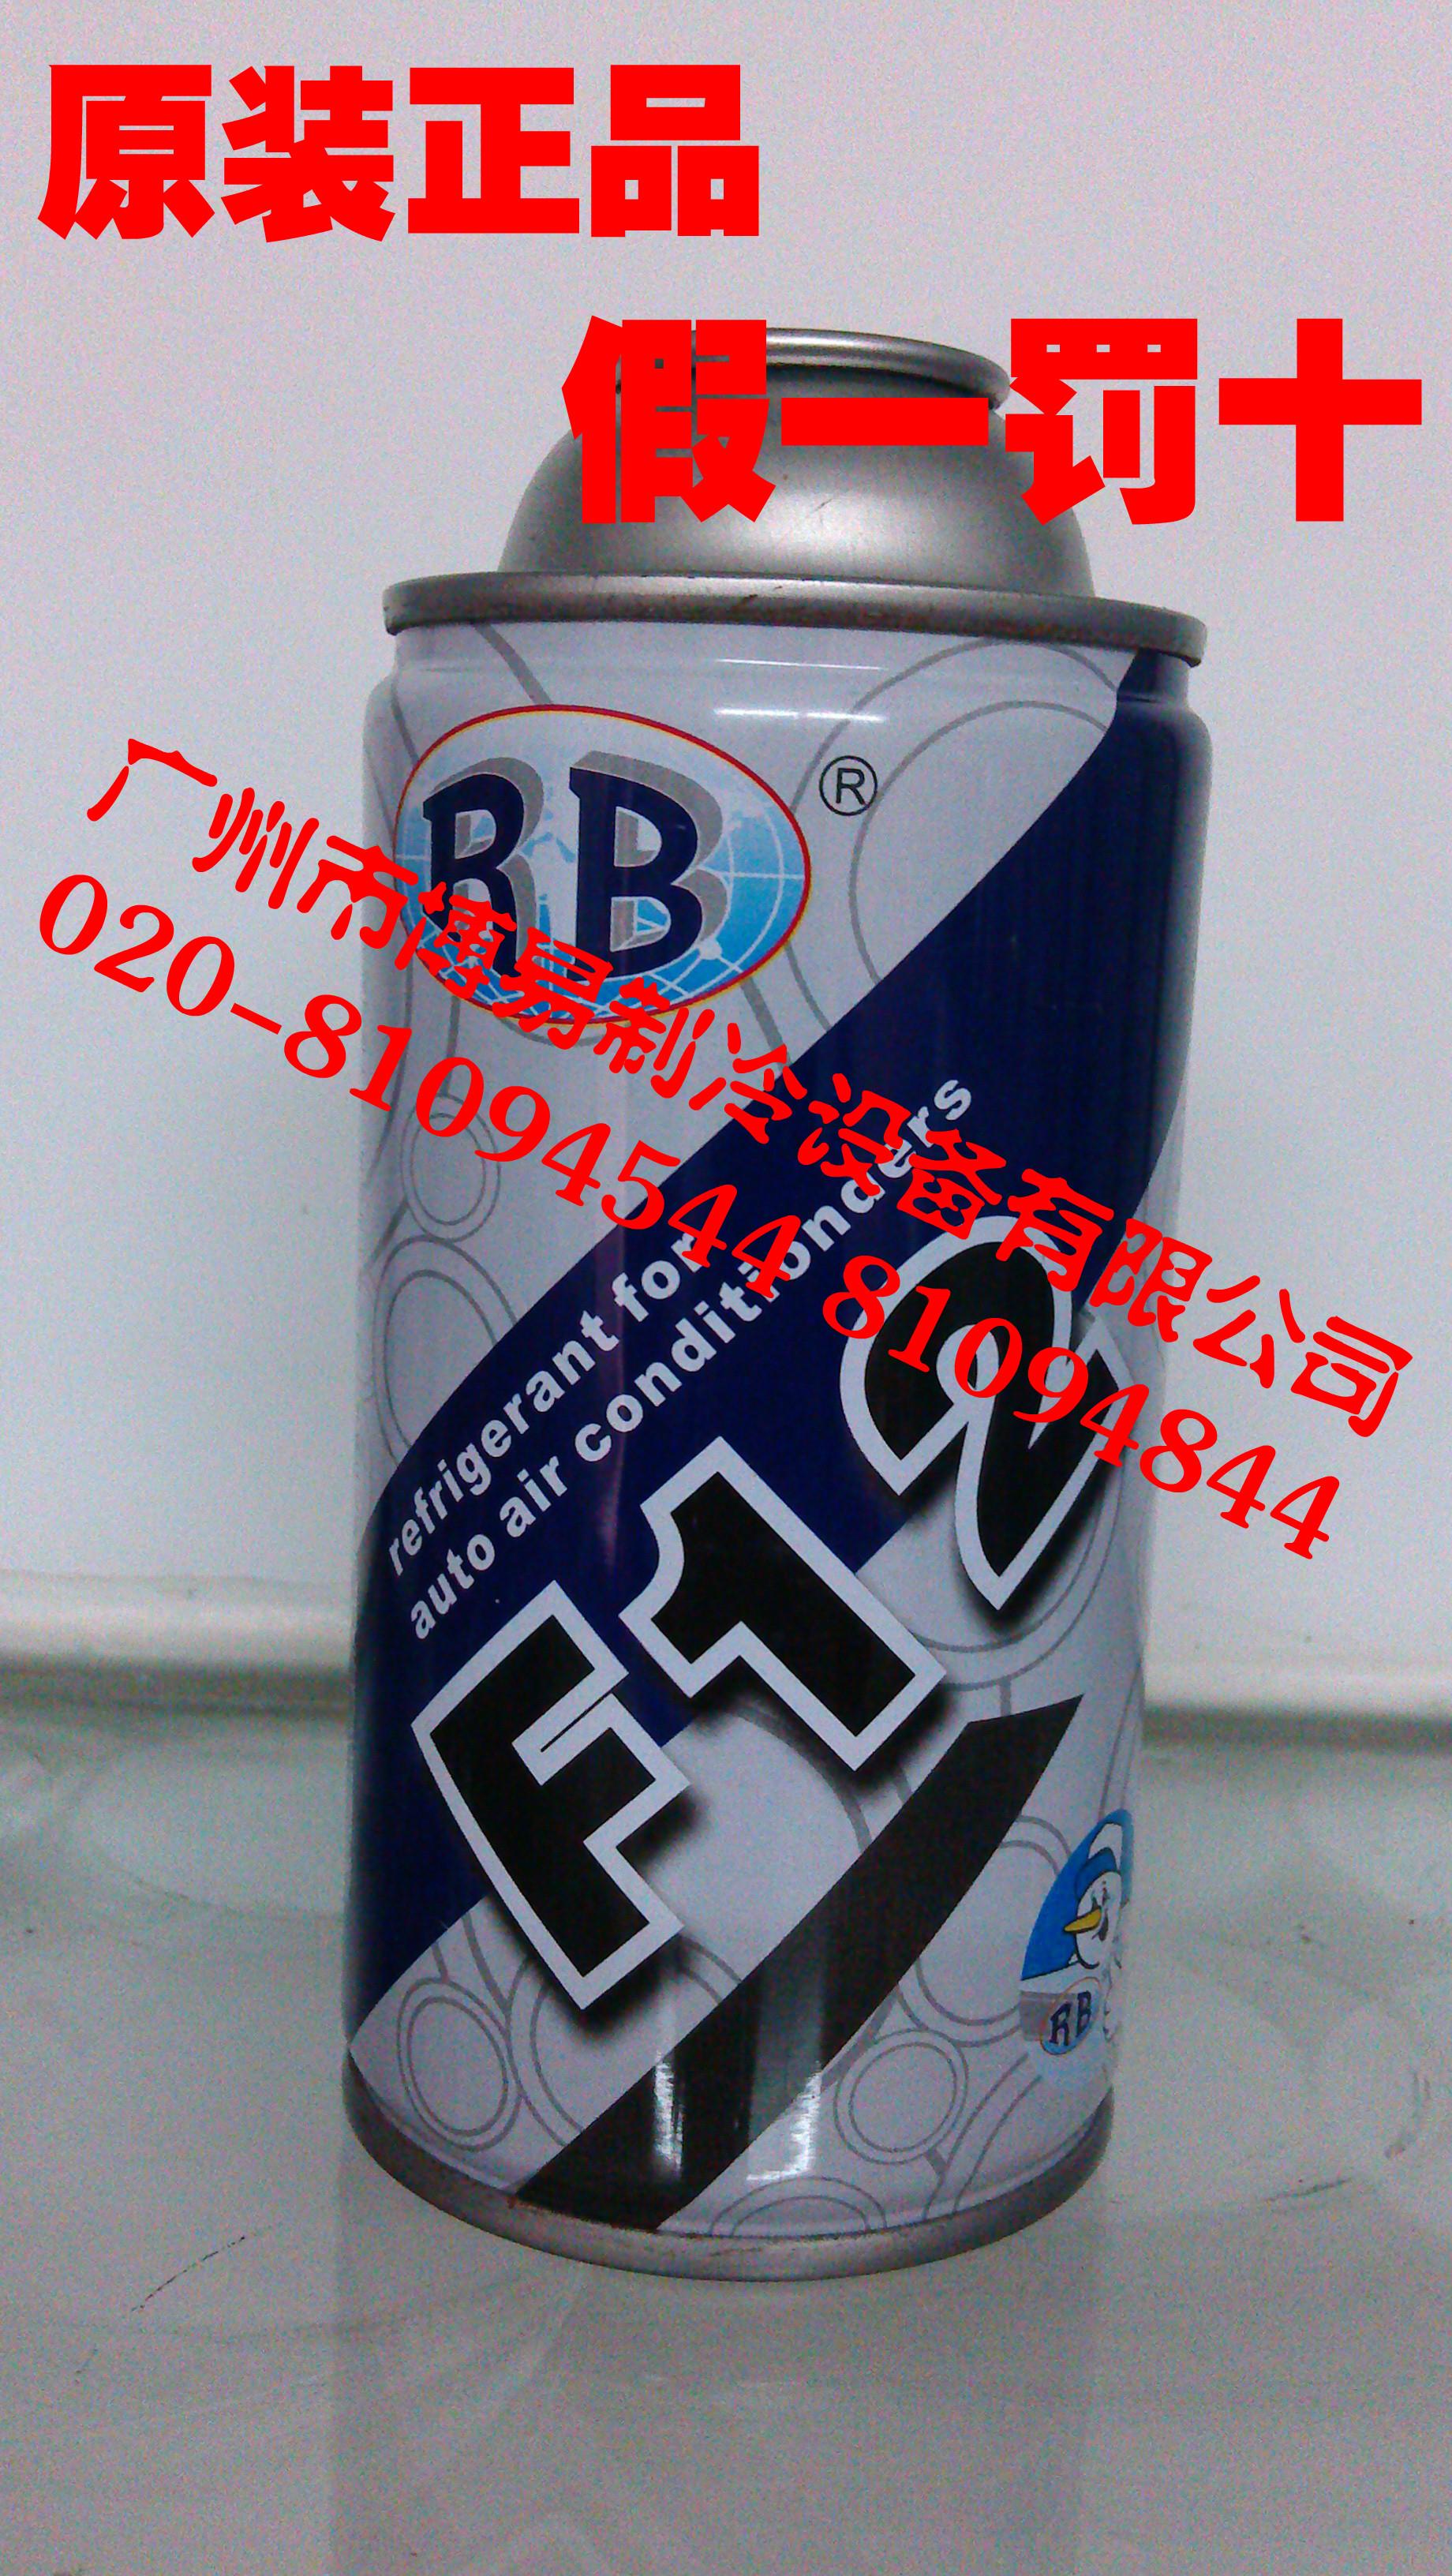 - lunta erityistä r12 kylmäaineen freonia kylmäaineen bruttopaino 300g jääkaappi.